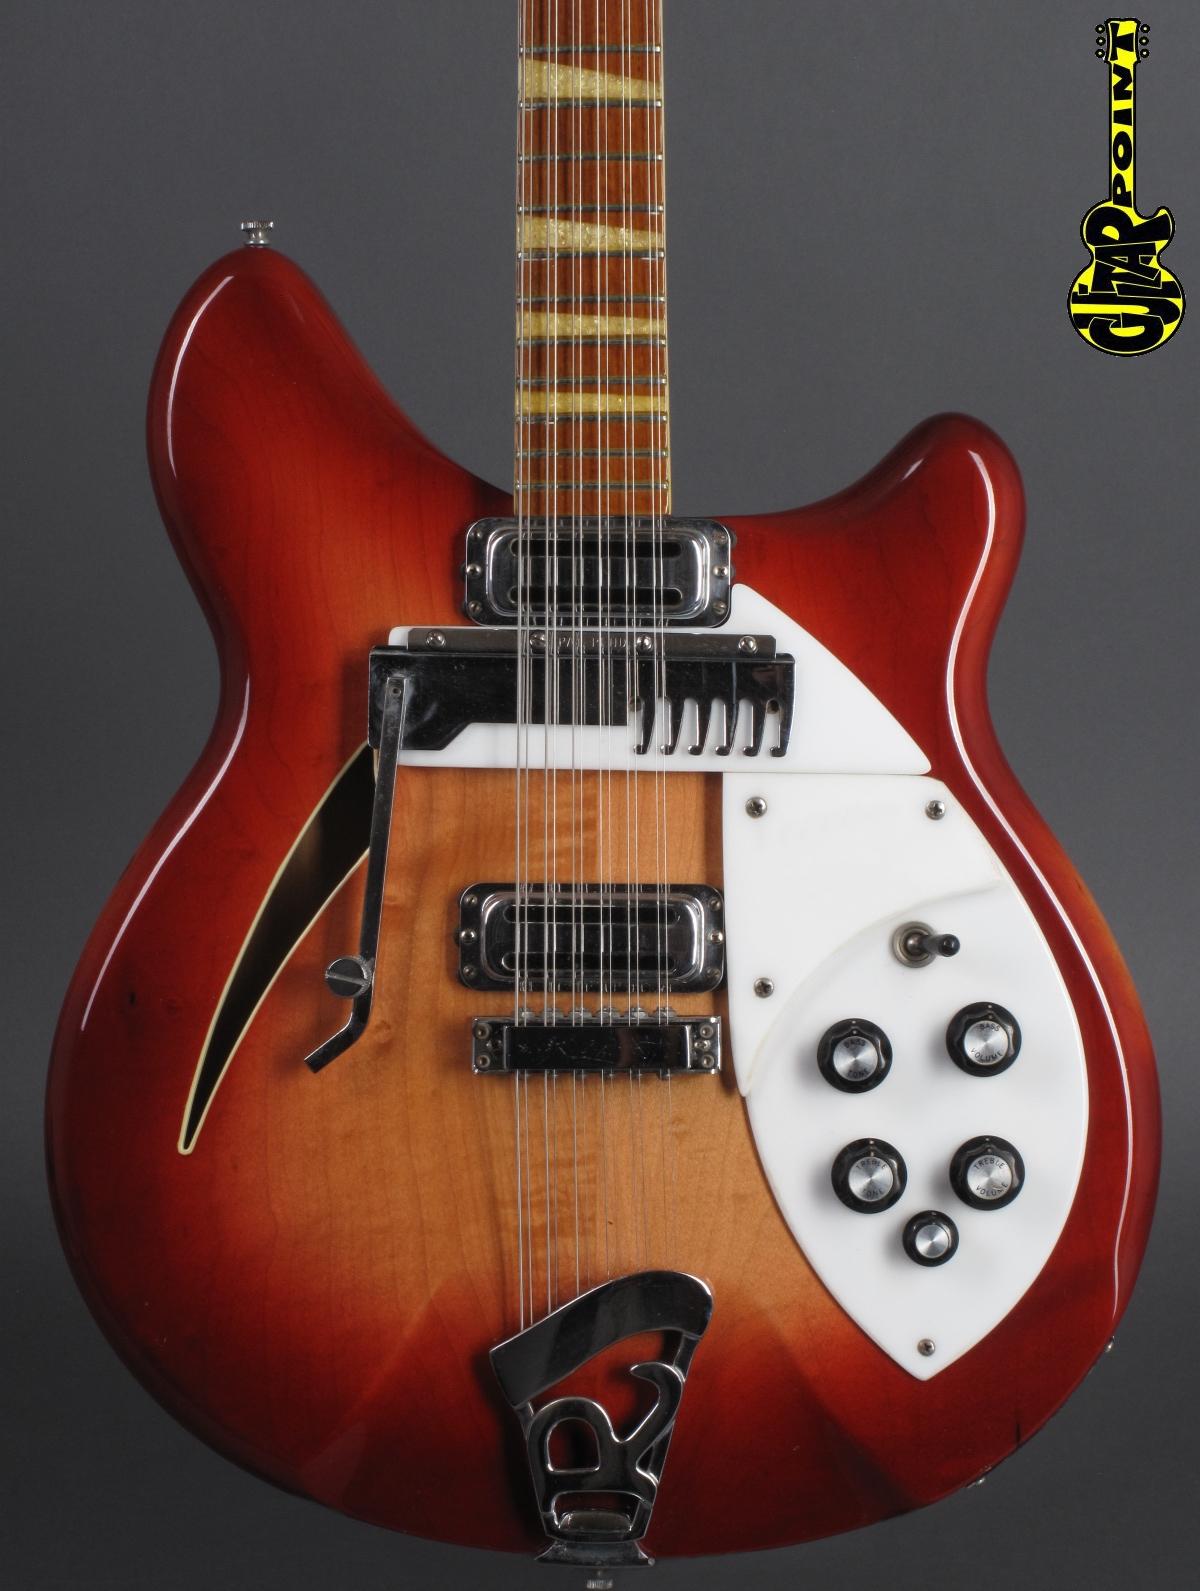 1967 Rickenbacker - 366-12 Convertible - Fireglo